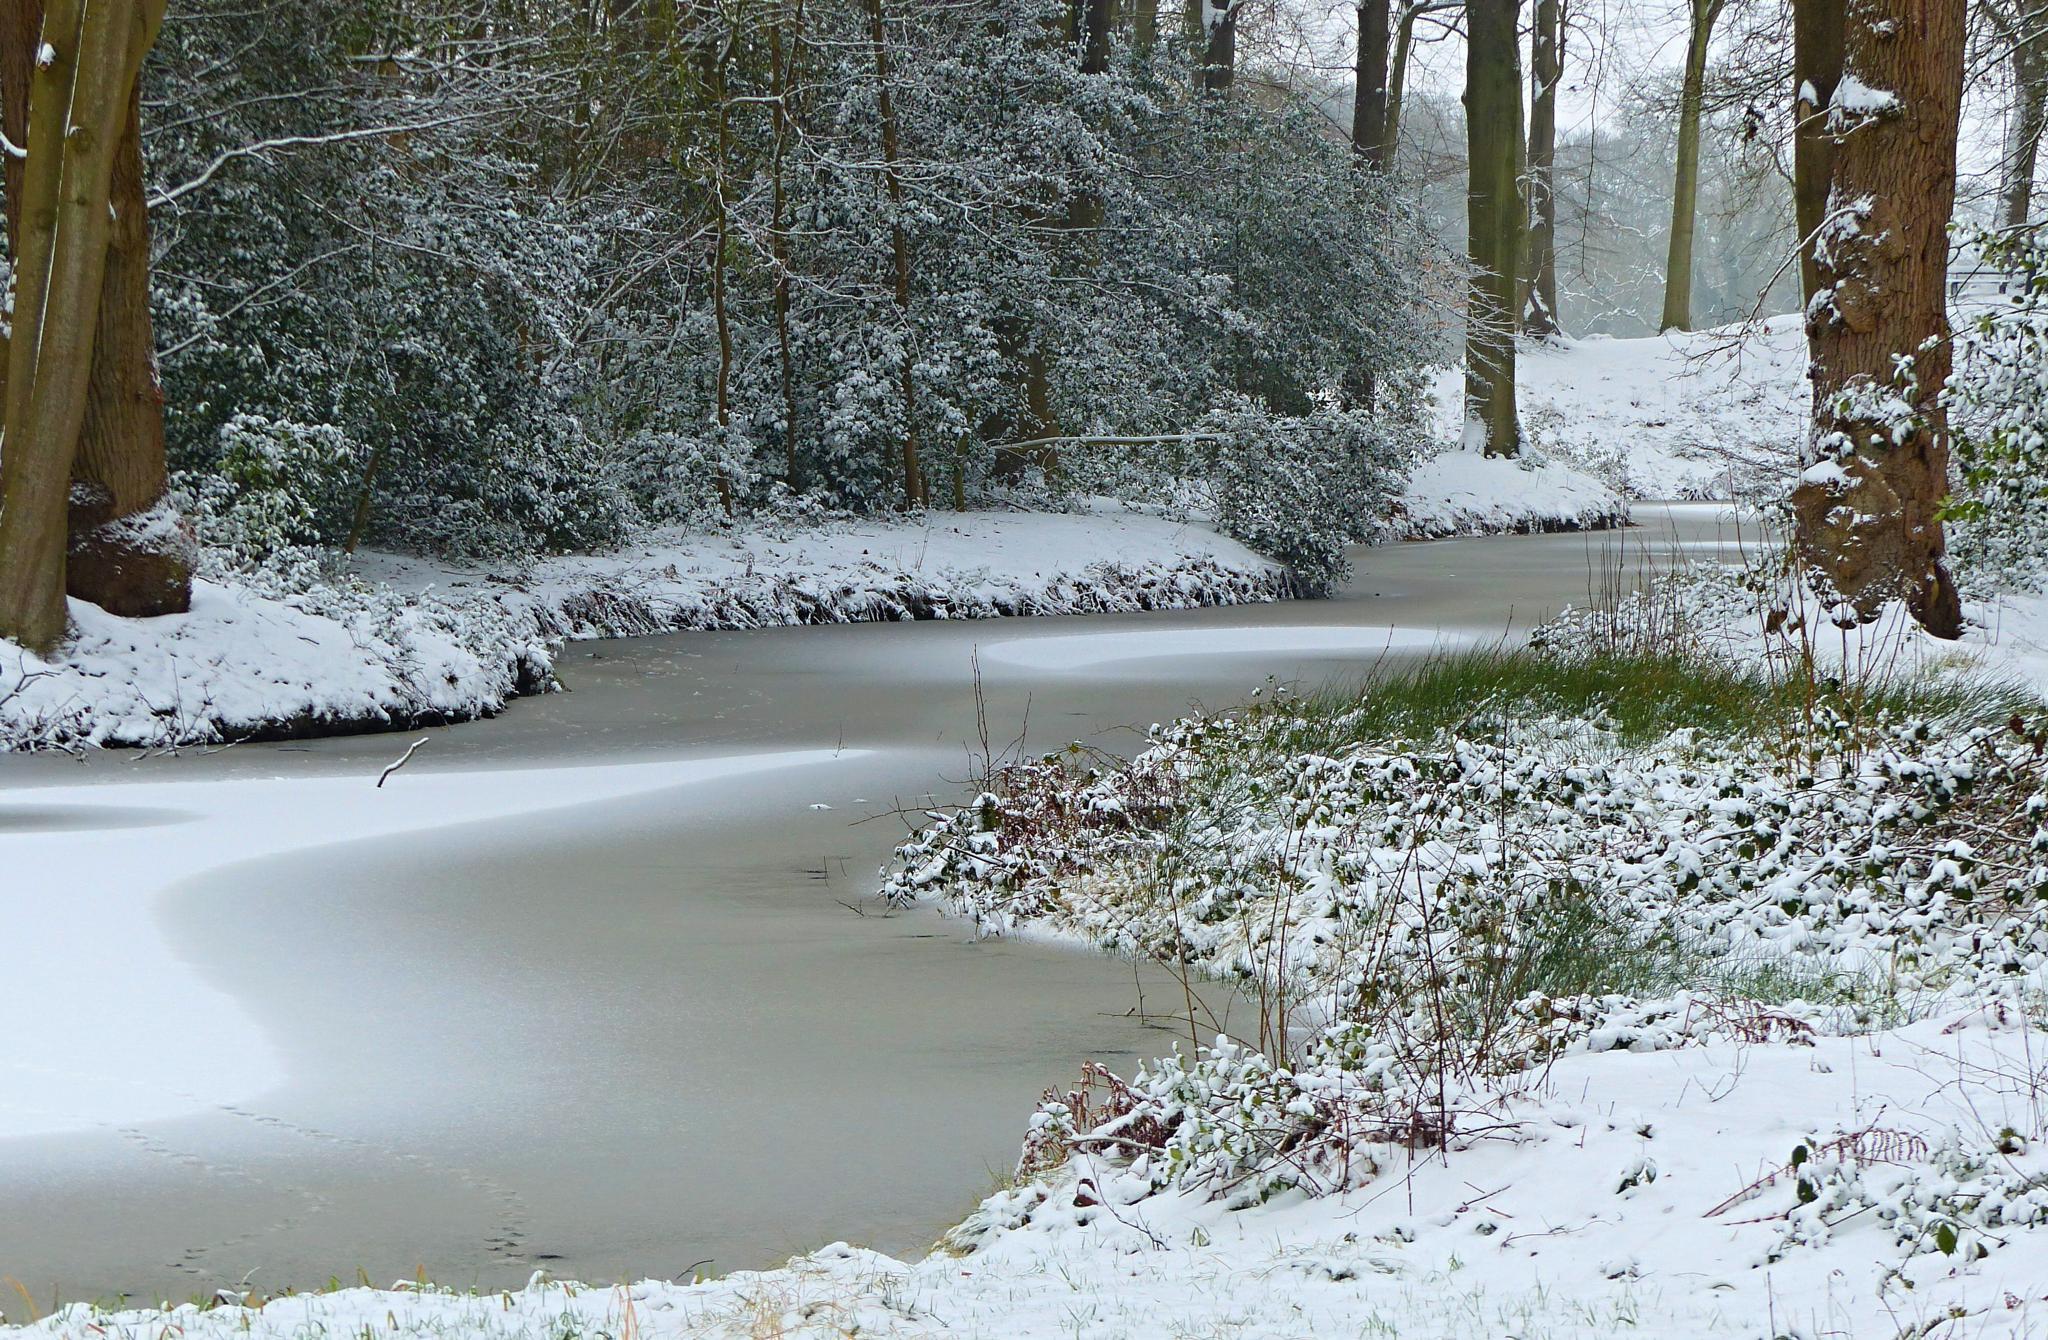 Snowy landscape by berberhoving